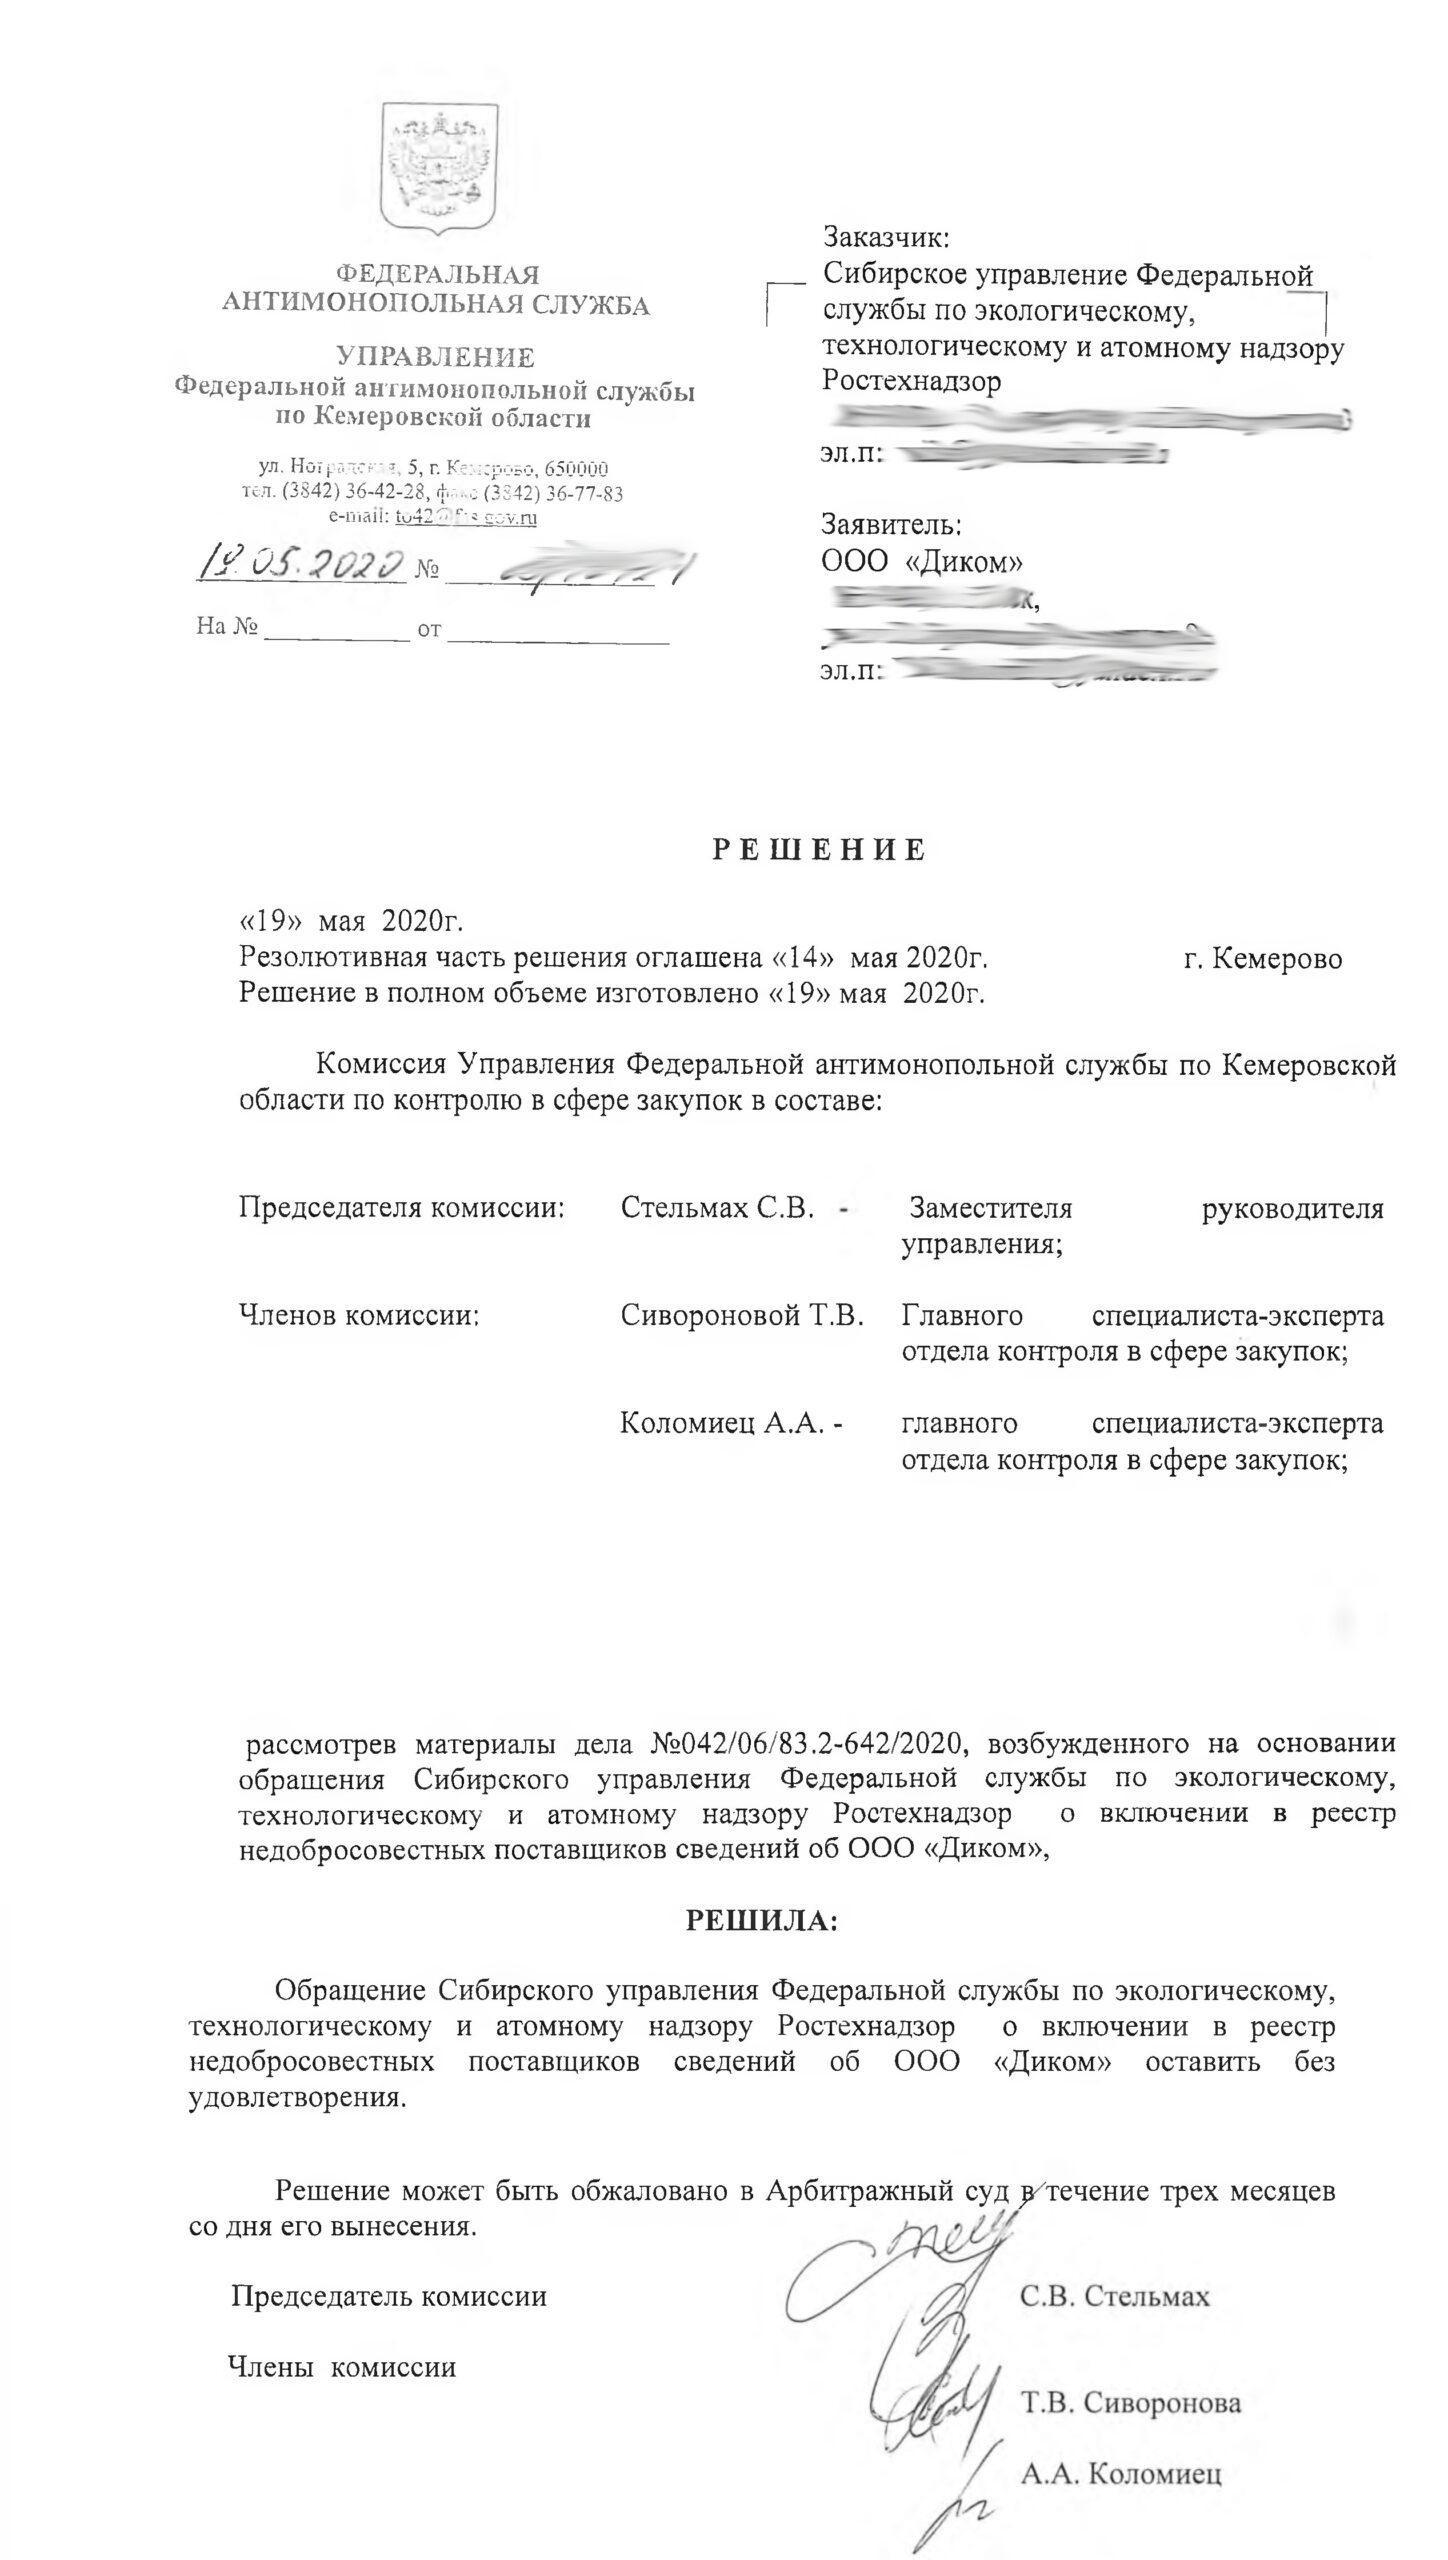 Кемеровский УФАС ООО Диком